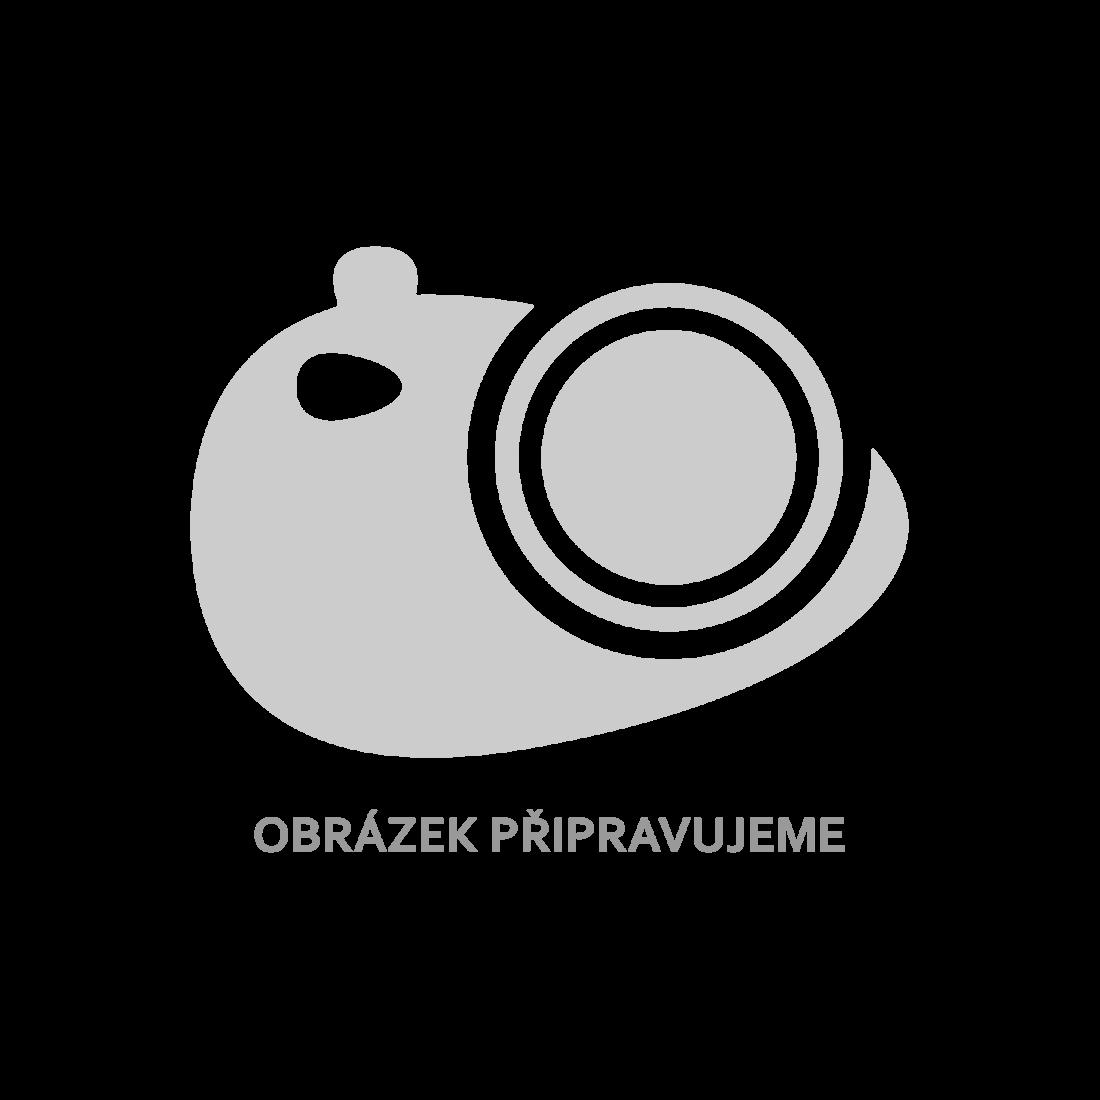 vidaXL Konferenční stolek šedý 90 x 50 x 35 cm masivní akáciové dřevo [323526]